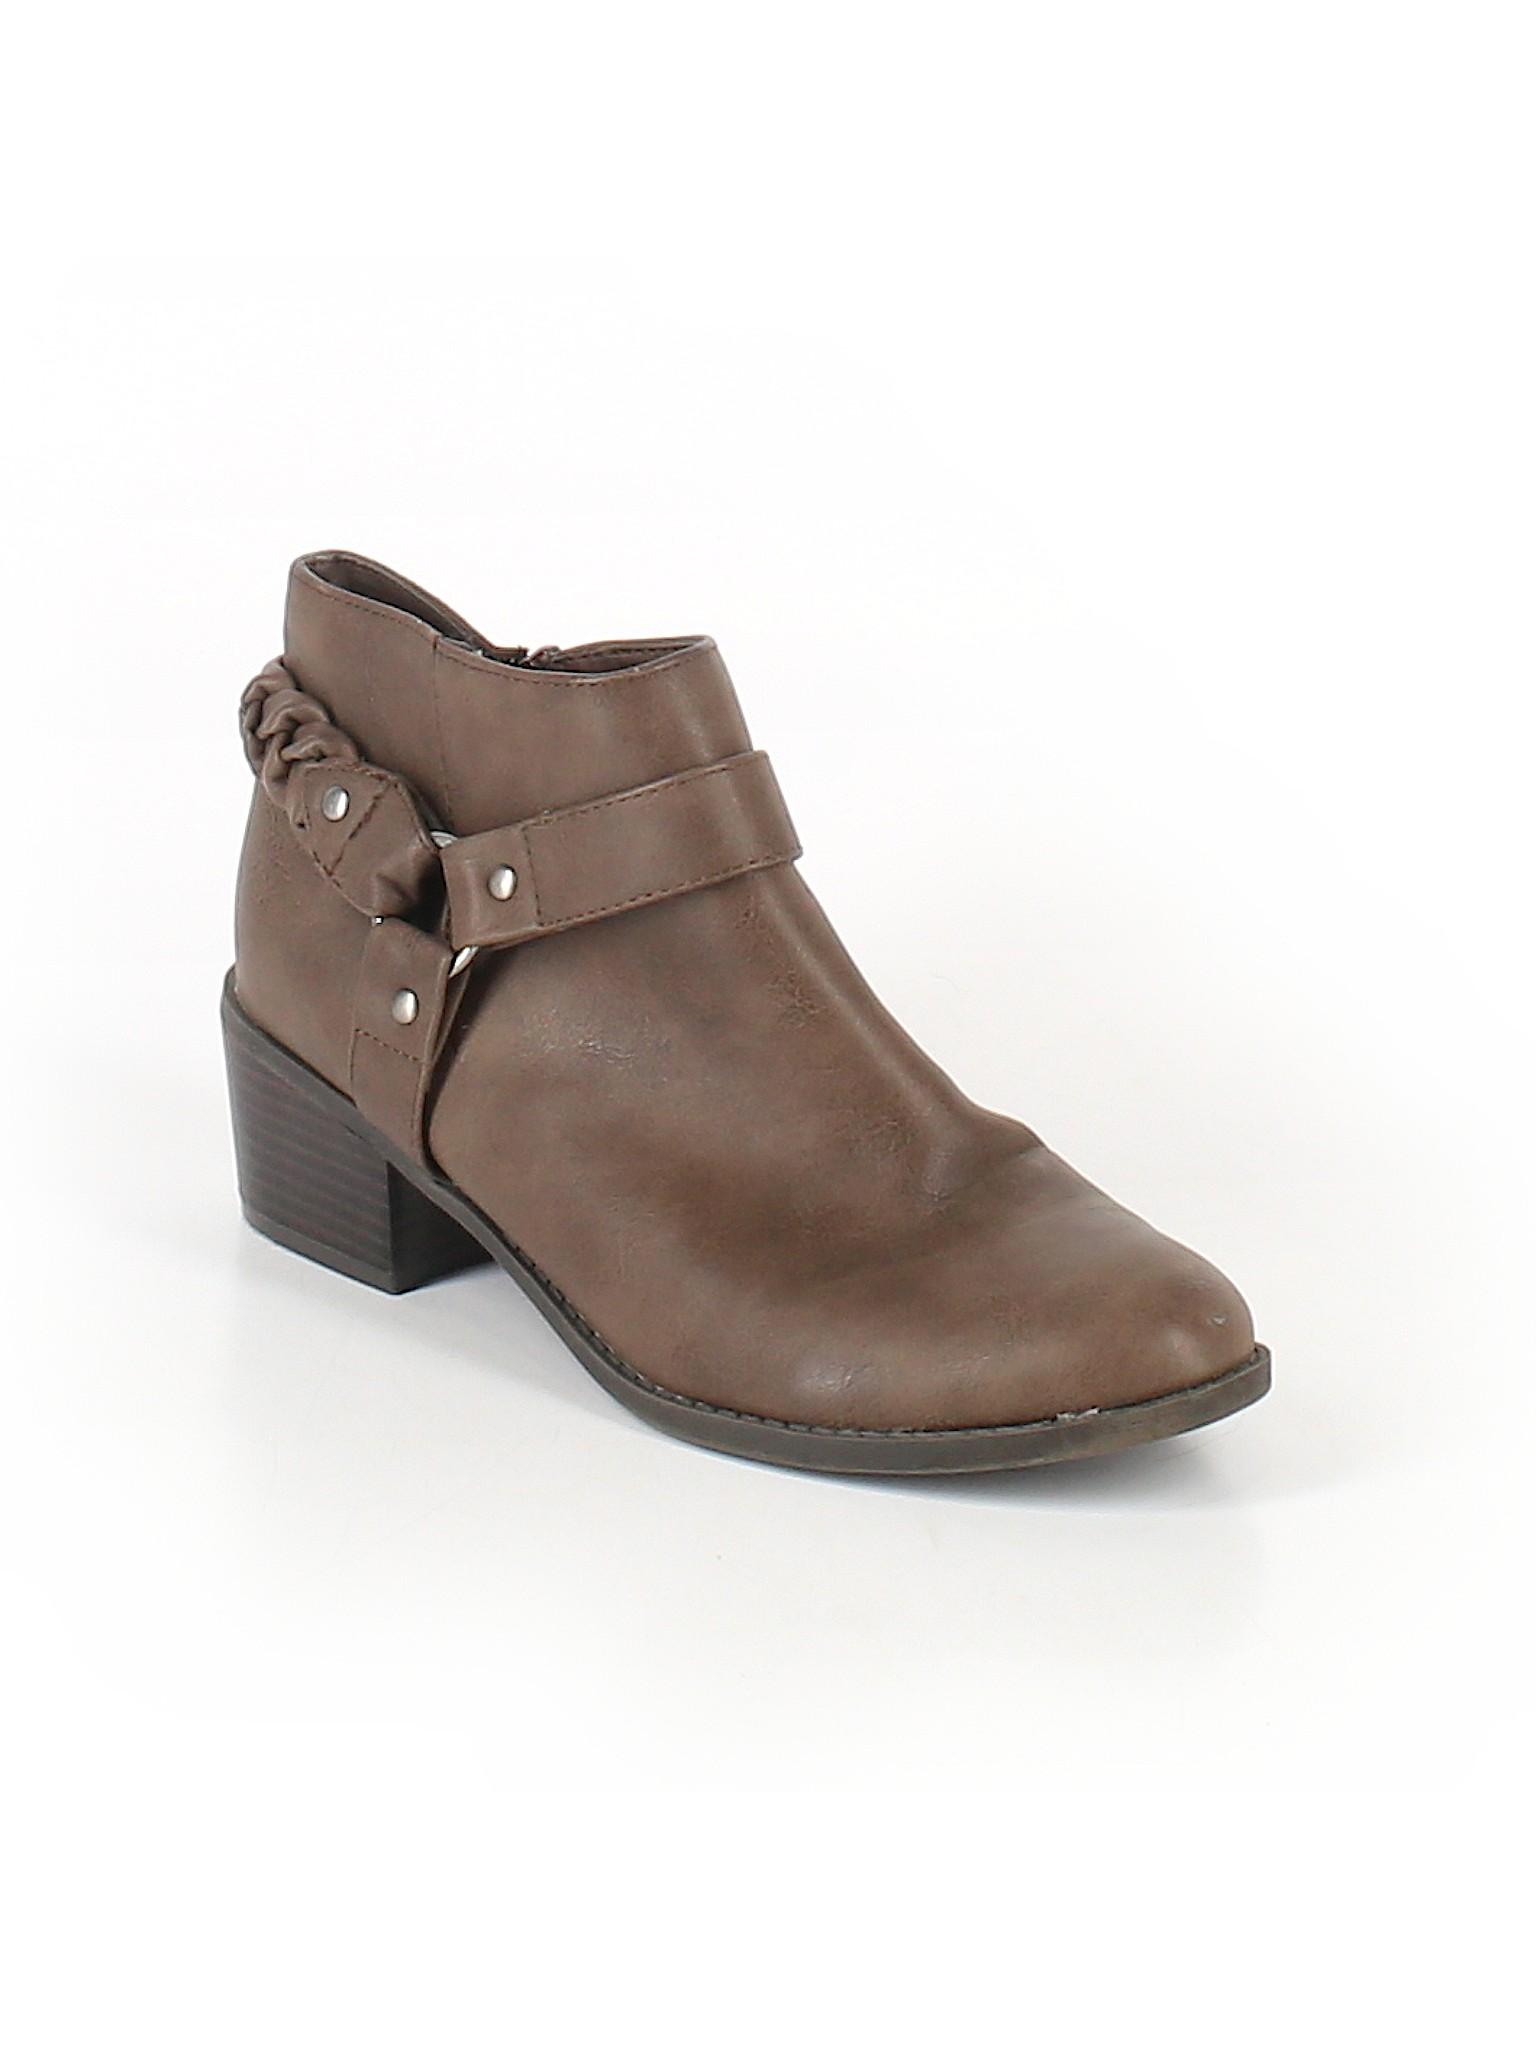 Boutique promotion Boots Ankle Rd Indigo 1UzBUSqp